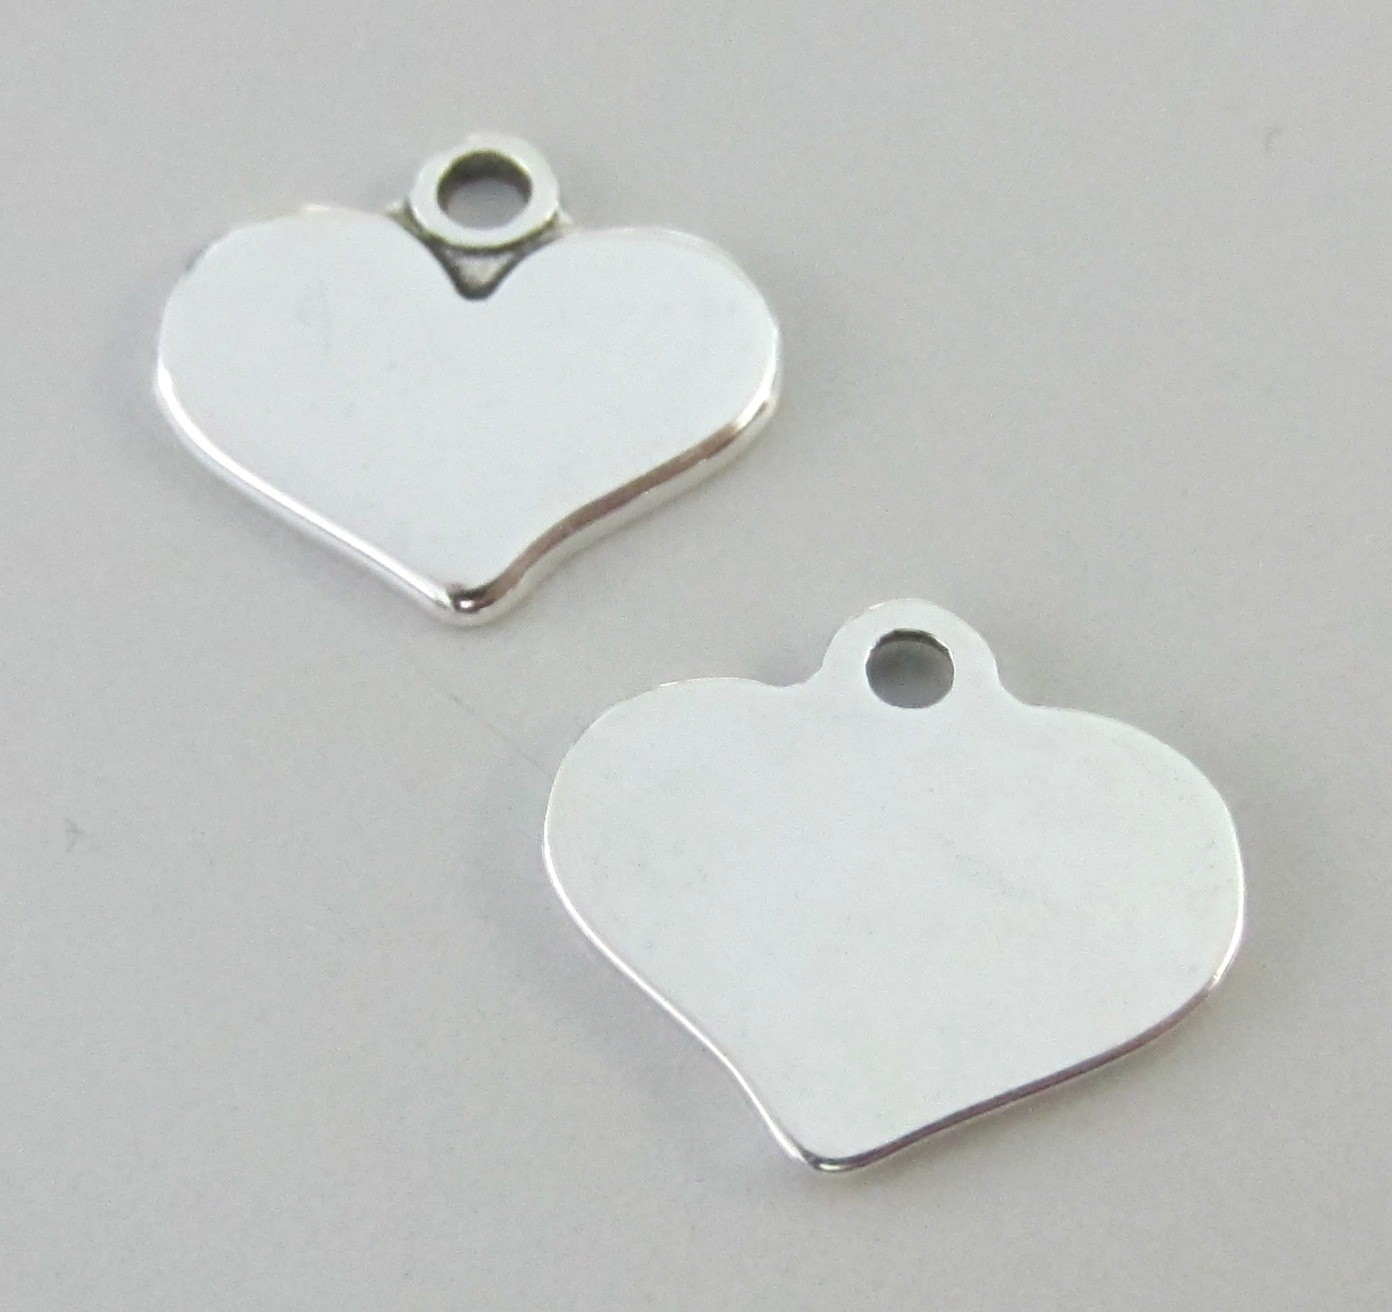 PERSONALIZABLE. Corazón Zamak 15x16mm. Agujero 1,5mm. Baño de plata